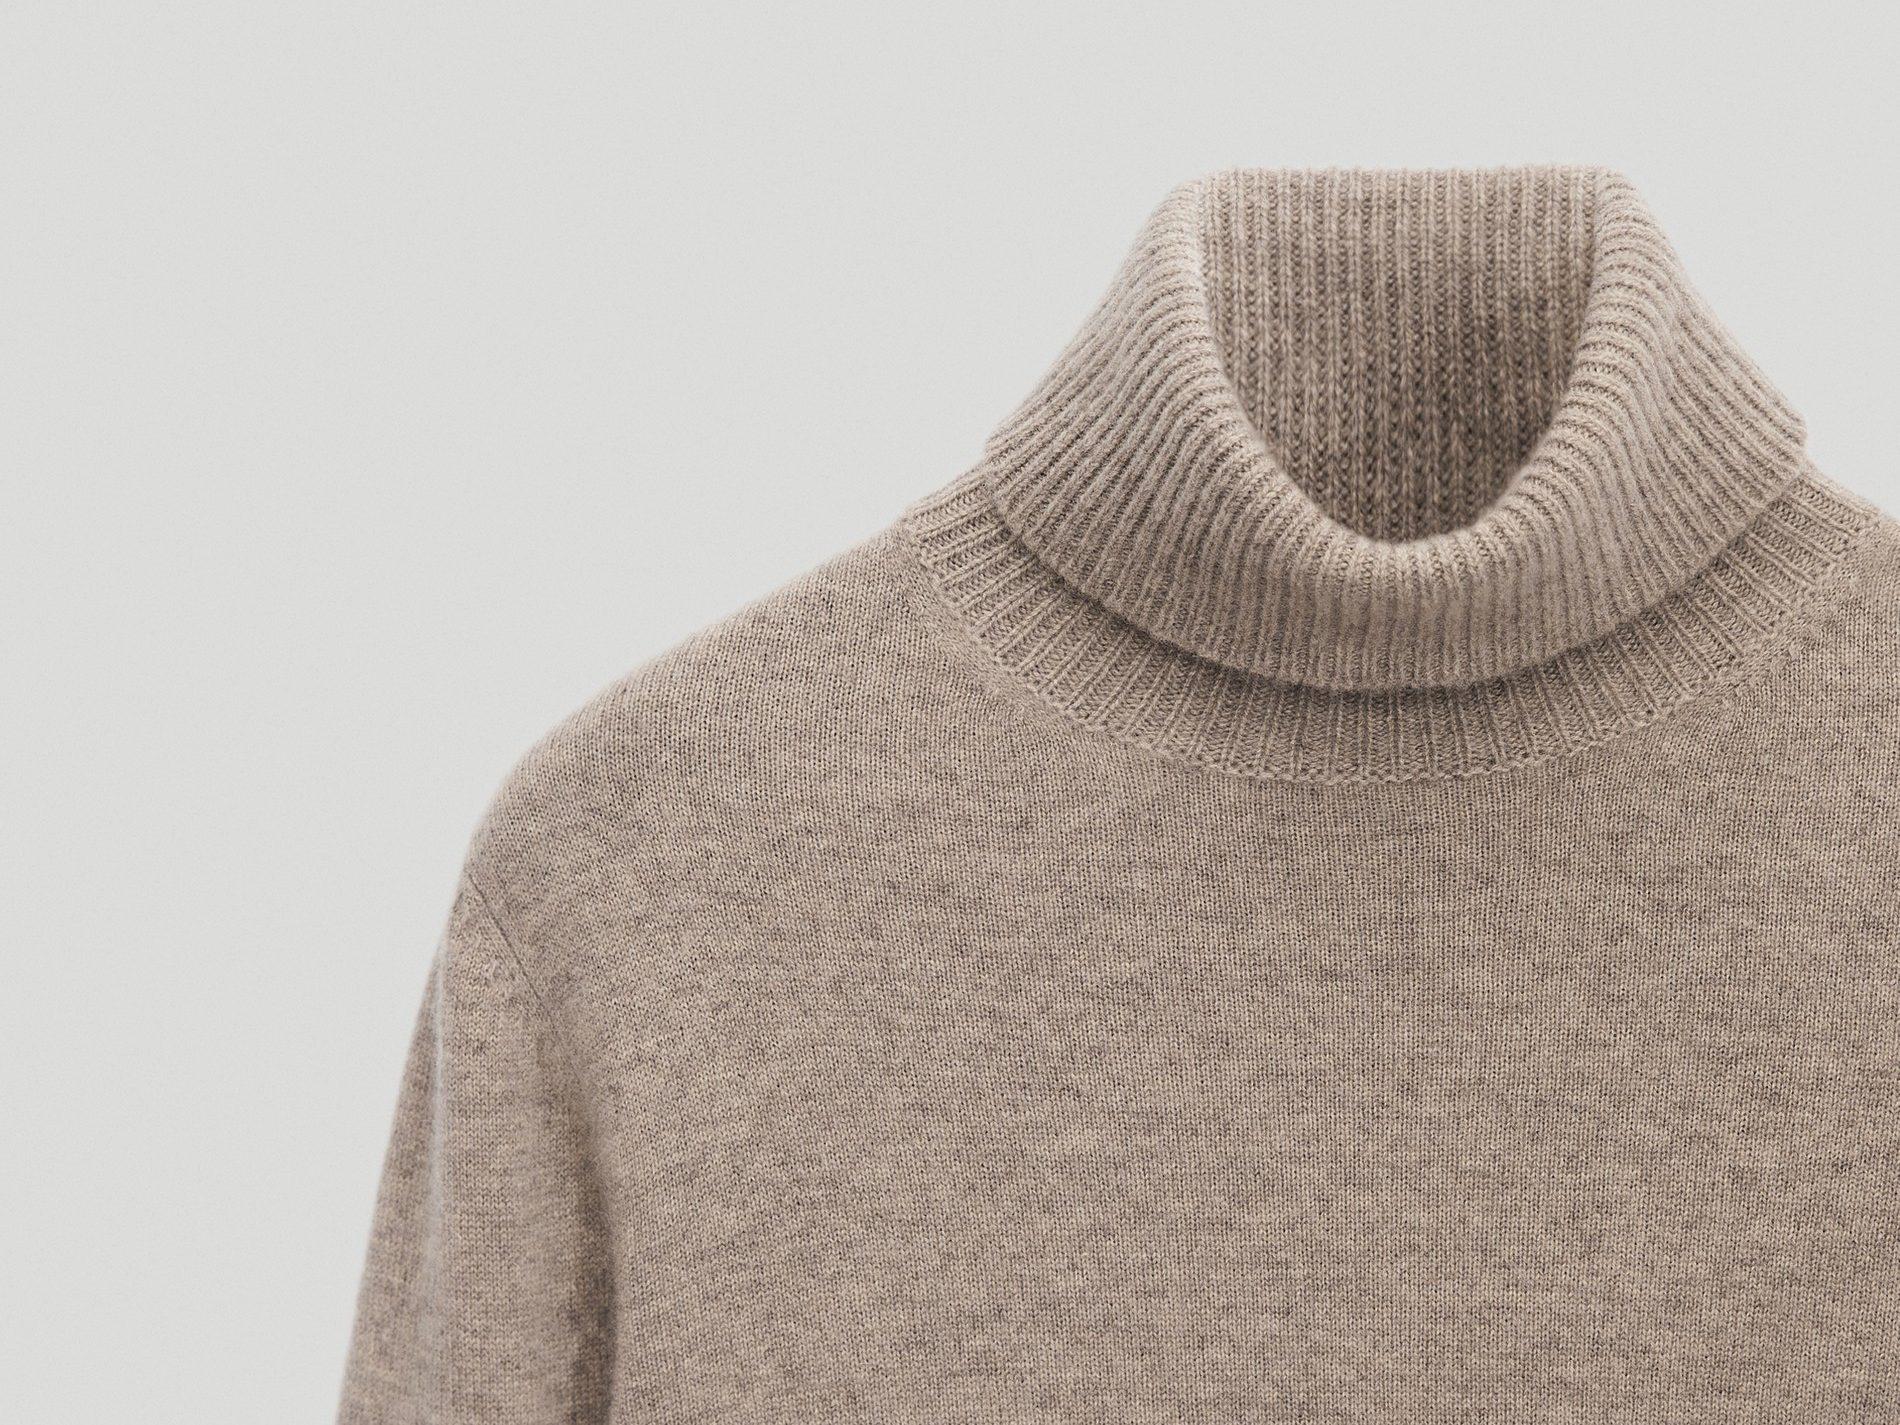 Massimo Dutti Knit Sweater